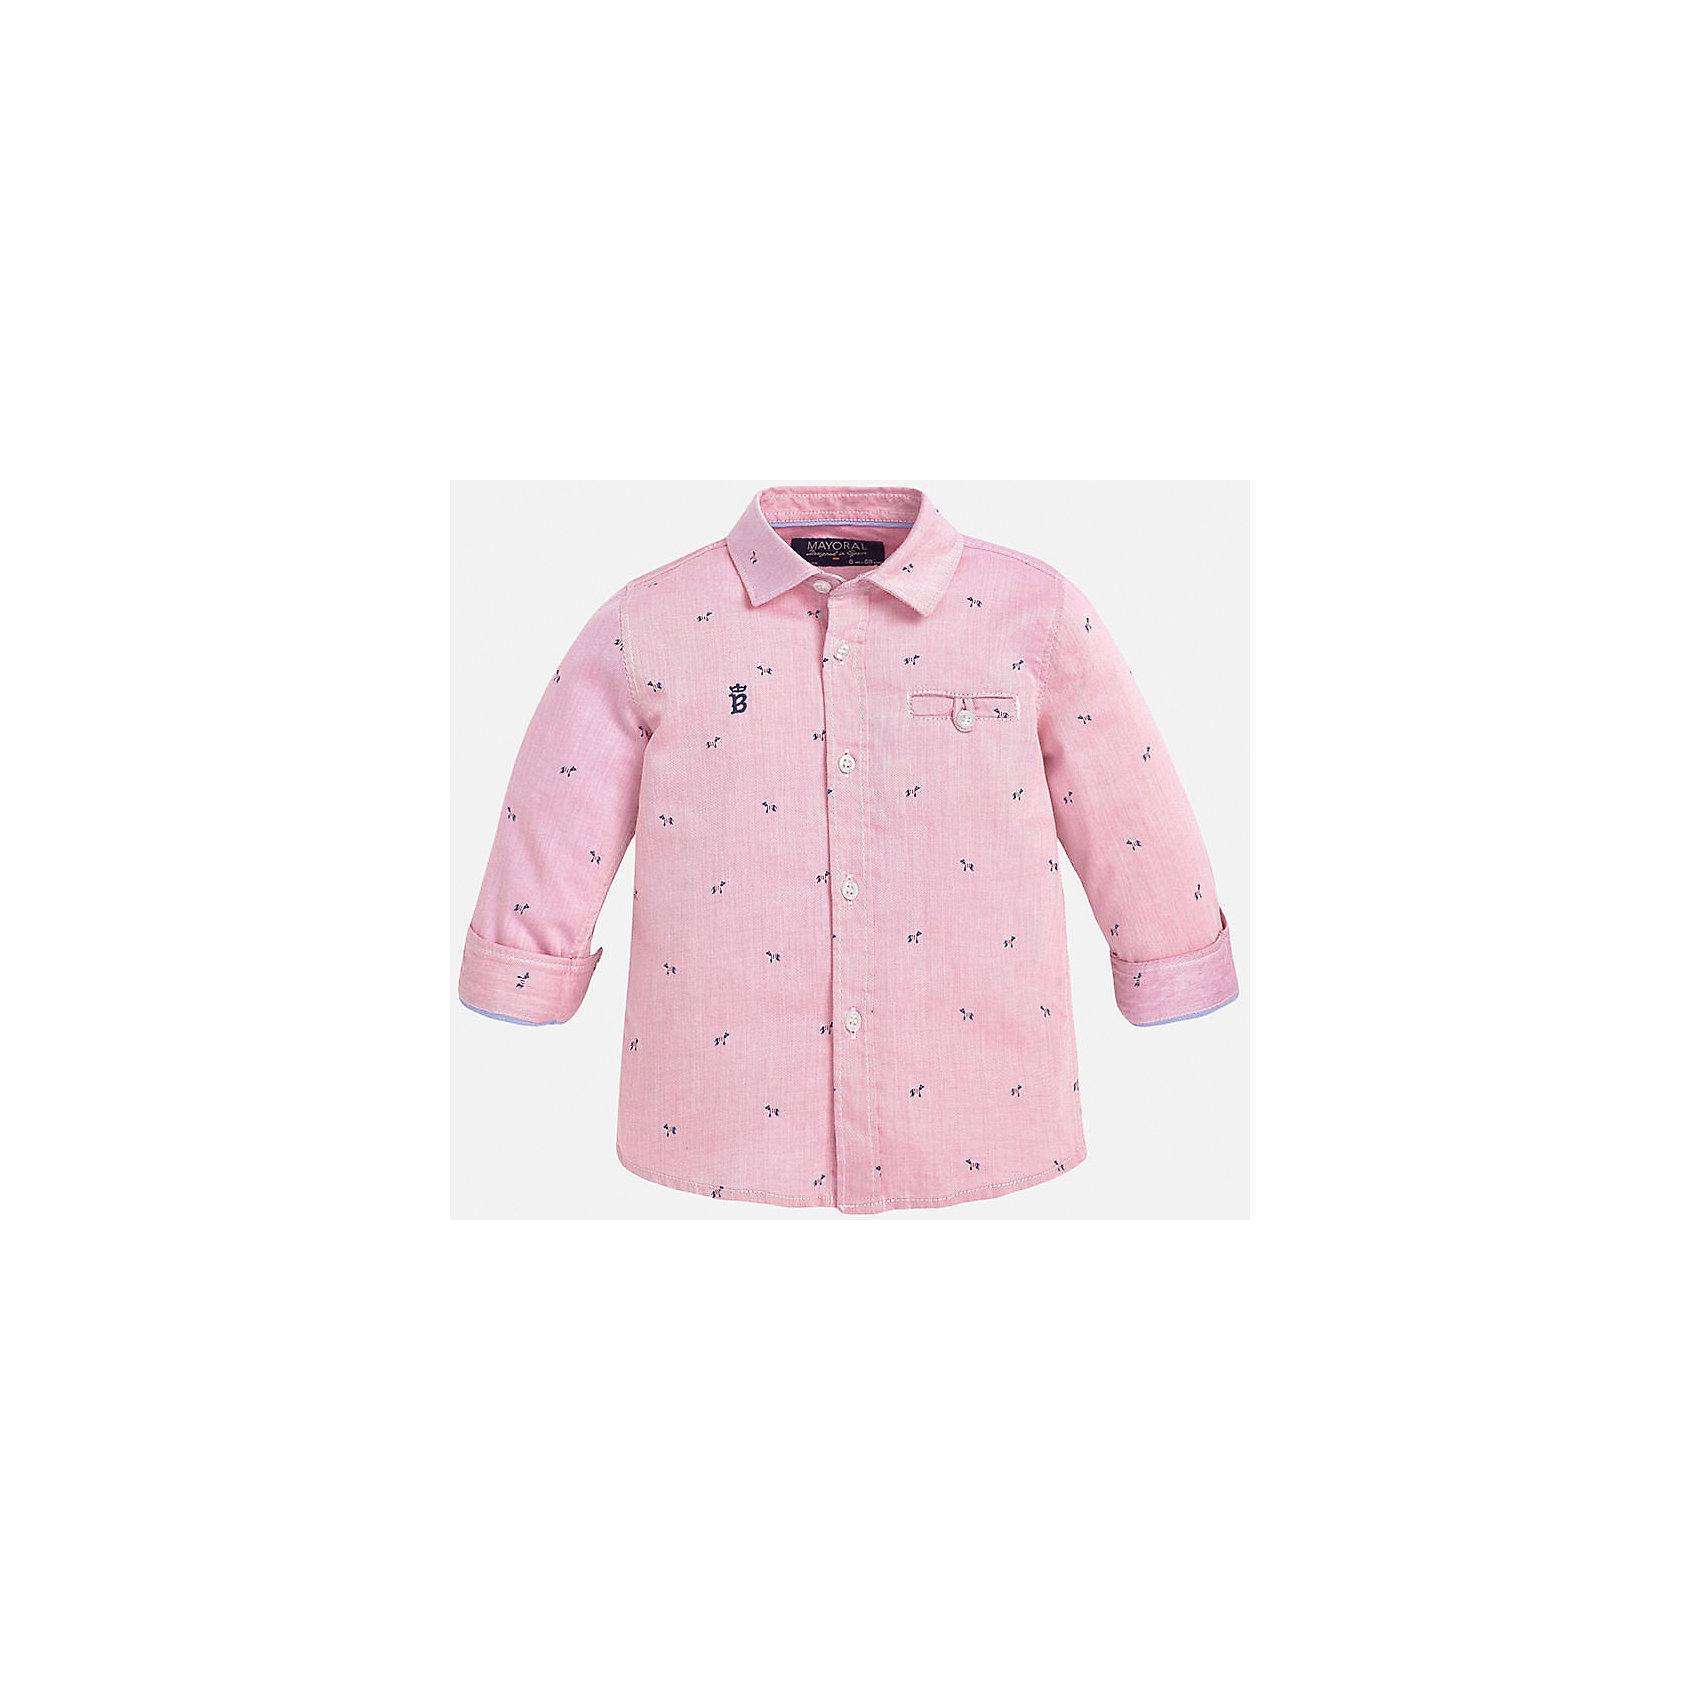 Рубашка для мальчика MayoralРубашка для мальчика от известного испанского бренда Mayoral. Модель из 100% хлопка с ненавязчивым узором. На груди вышит декоративный карман. Отлично сочетается и с брюками, и с джинсами.<br>Дополнительная информация:<br>-прямой силуэт<br>-укороченные рукава<br>-декоративный карман и небольшая эмблема на груди<br>-застегивается на пуговицы<br>-цвет: розовый<br>-состав: 100% хлопок<br>Рубашку Mayoral можно приобрести в нашем интернет-магазине.<br><br>Ширина мм: 174<br>Глубина мм: 10<br>Высота мм: 169<br>Вес г: 157<br>Цвет: розовый<br>Возраст от месяцев: 12<br>Возраст до месяцев: 15<br>Пол: Мужской<br>Возраст: Детский<br>Размер: 80,86,92<br>SKU: 4820589